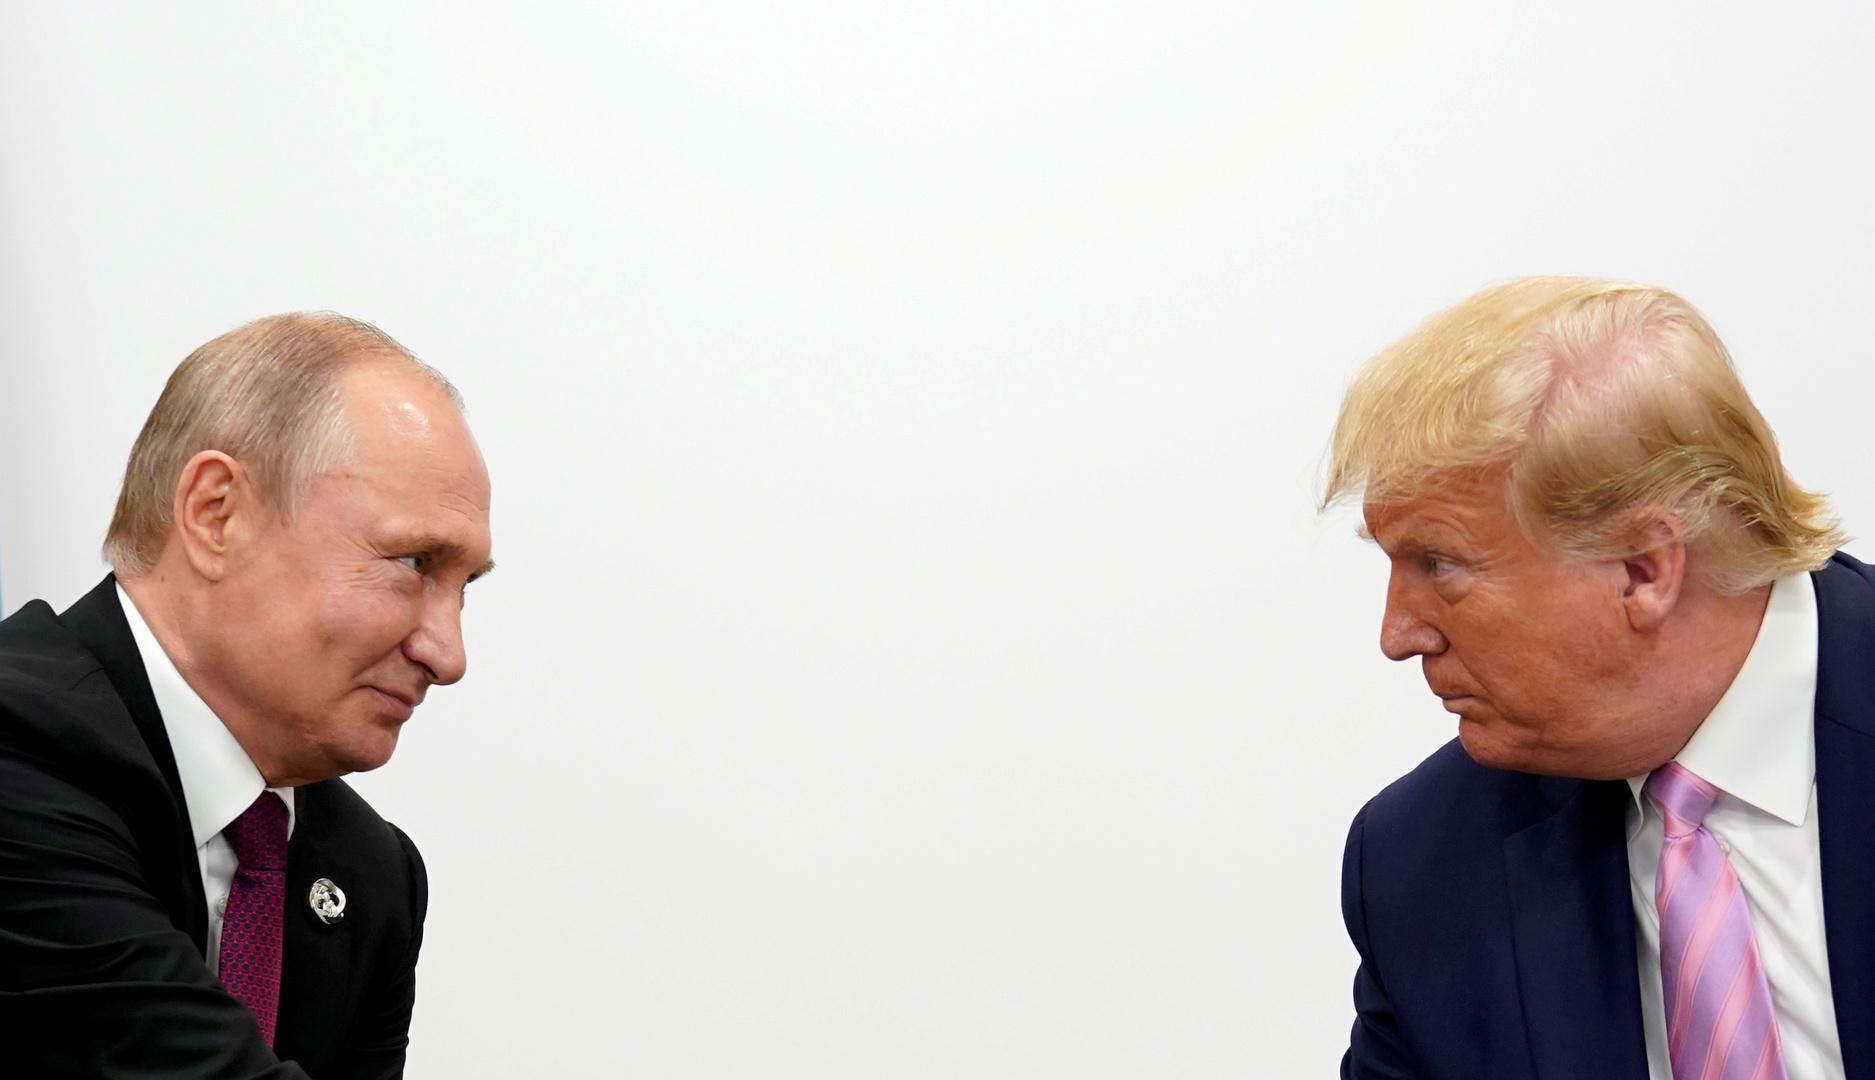 الرئيسان الأمريكي، دونالد ترامب، والروسي، فلاديمير بوتين